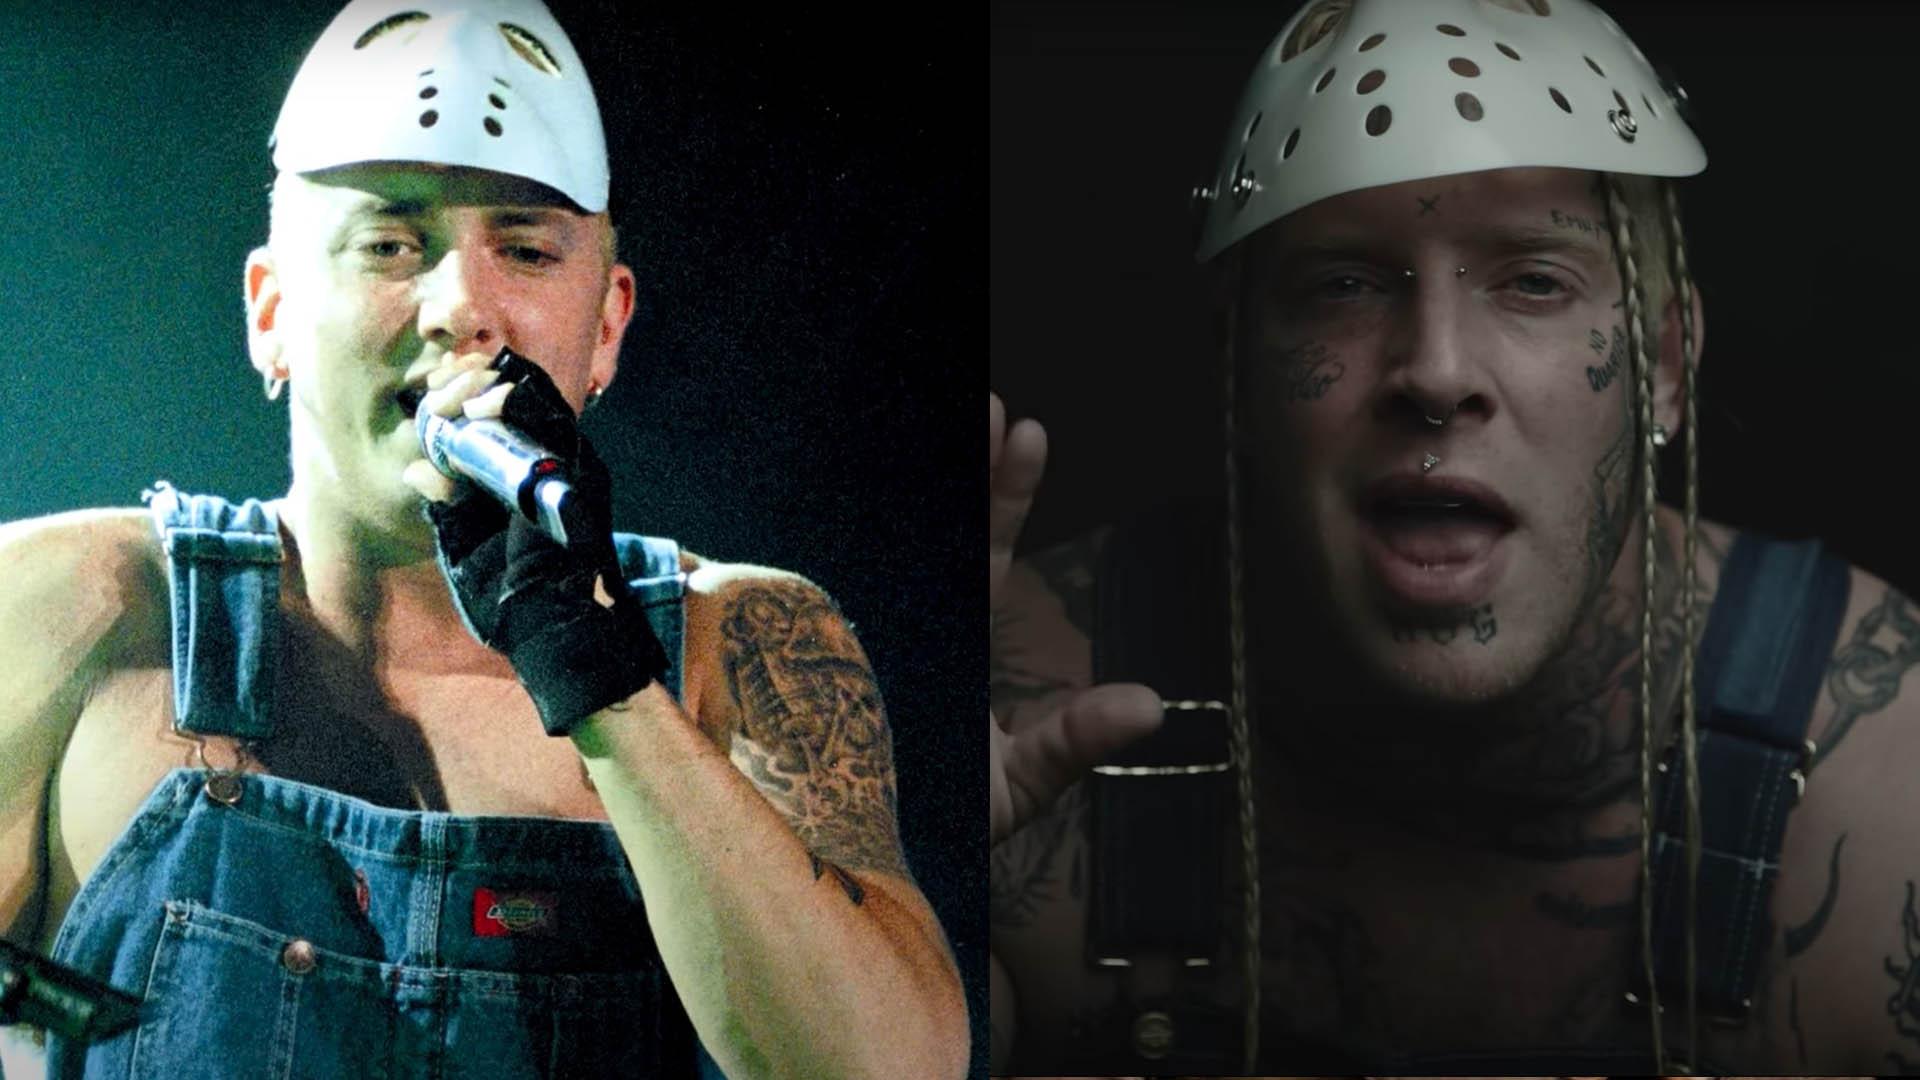 Fans of Eminem Fan, Who Dropped £100,000 on NFT, Hate Eminem Fans